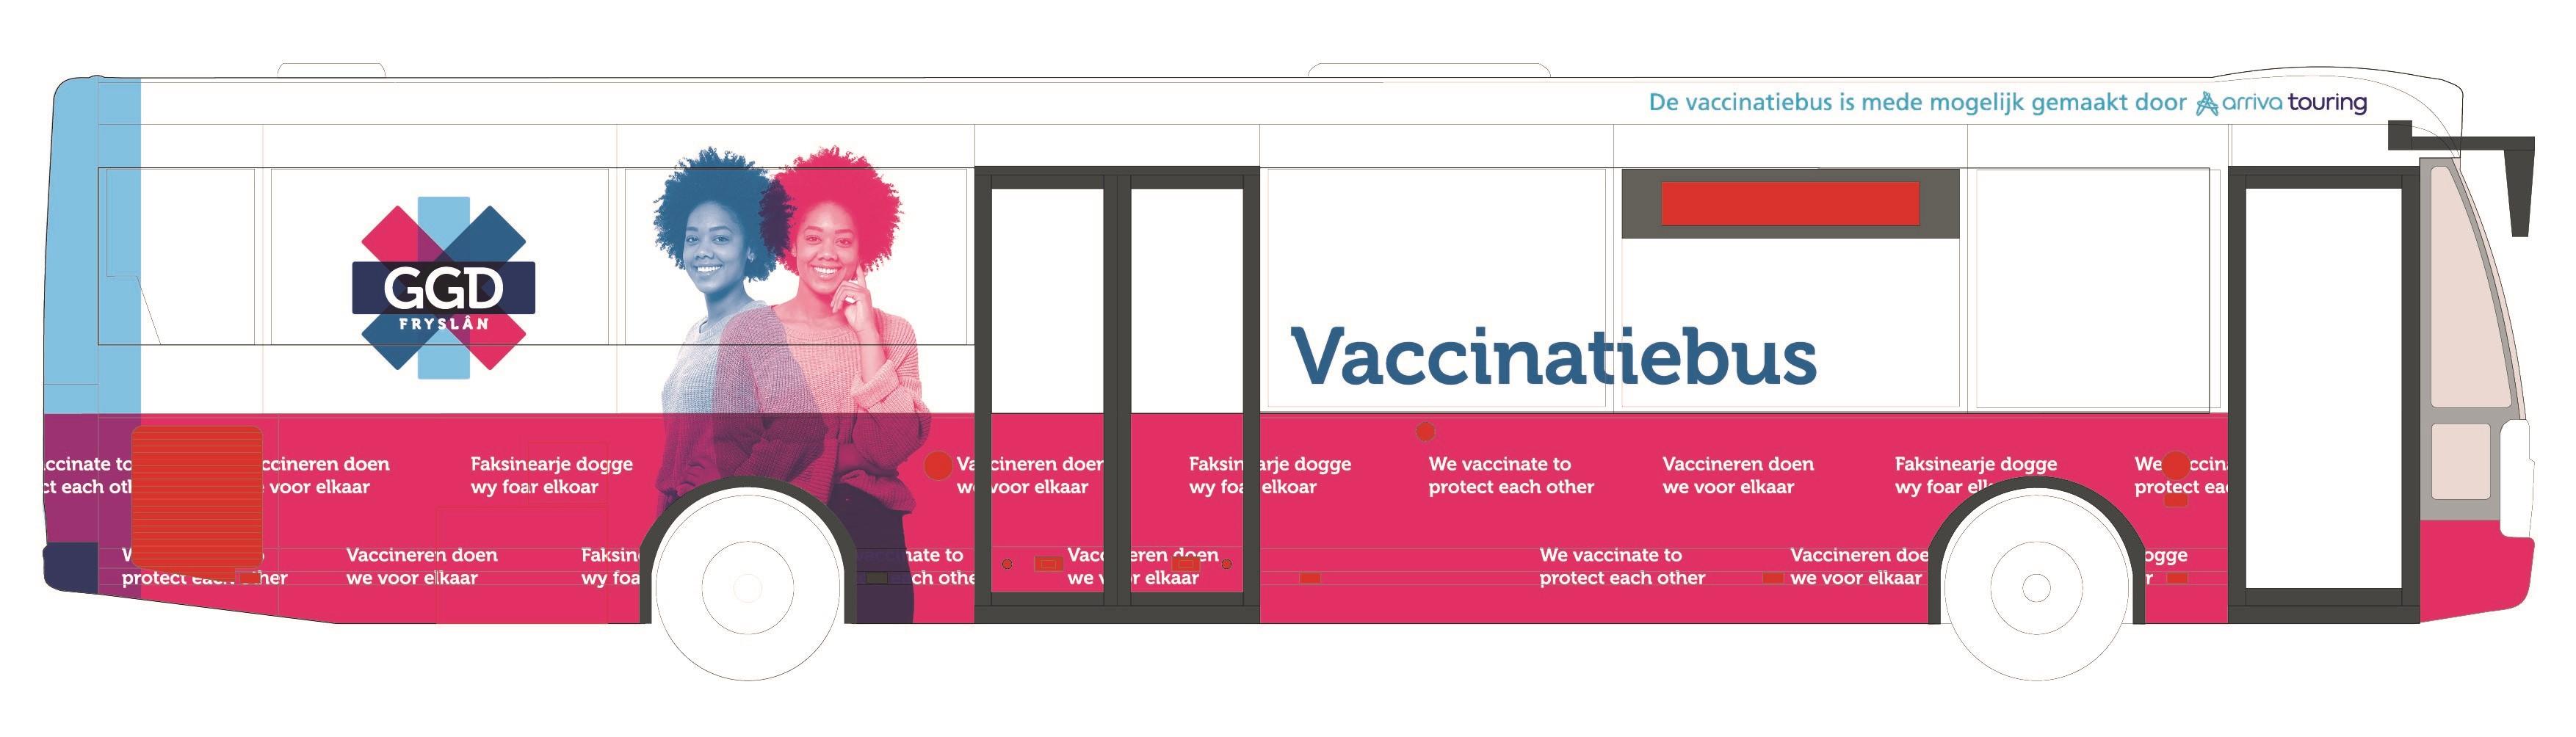 Vaccinatiebus